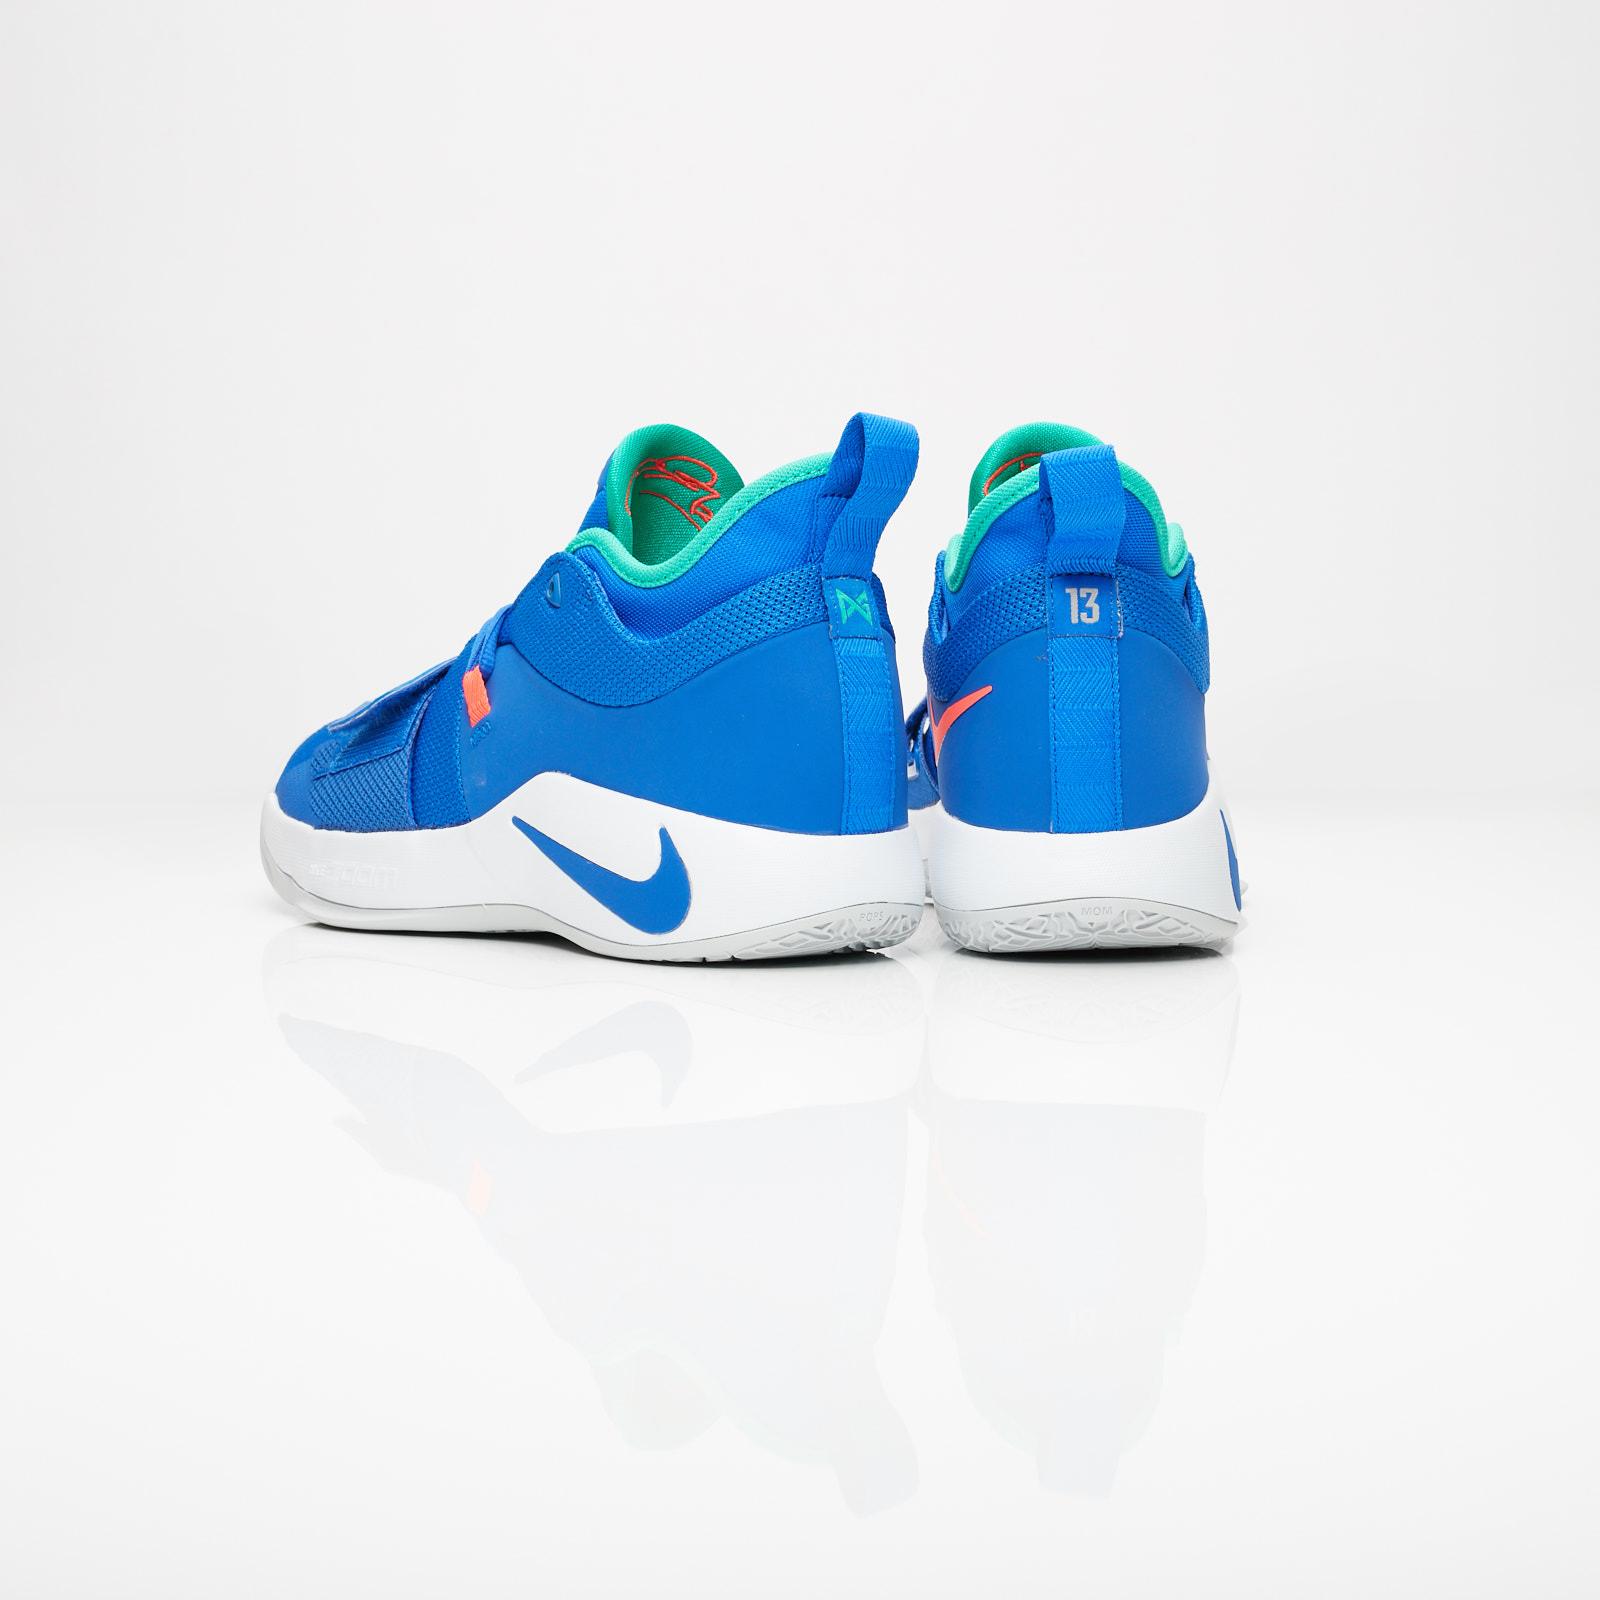 7526c171c14 Nike PG 2.5 - Bq8452-401 - Sneakersnstuff